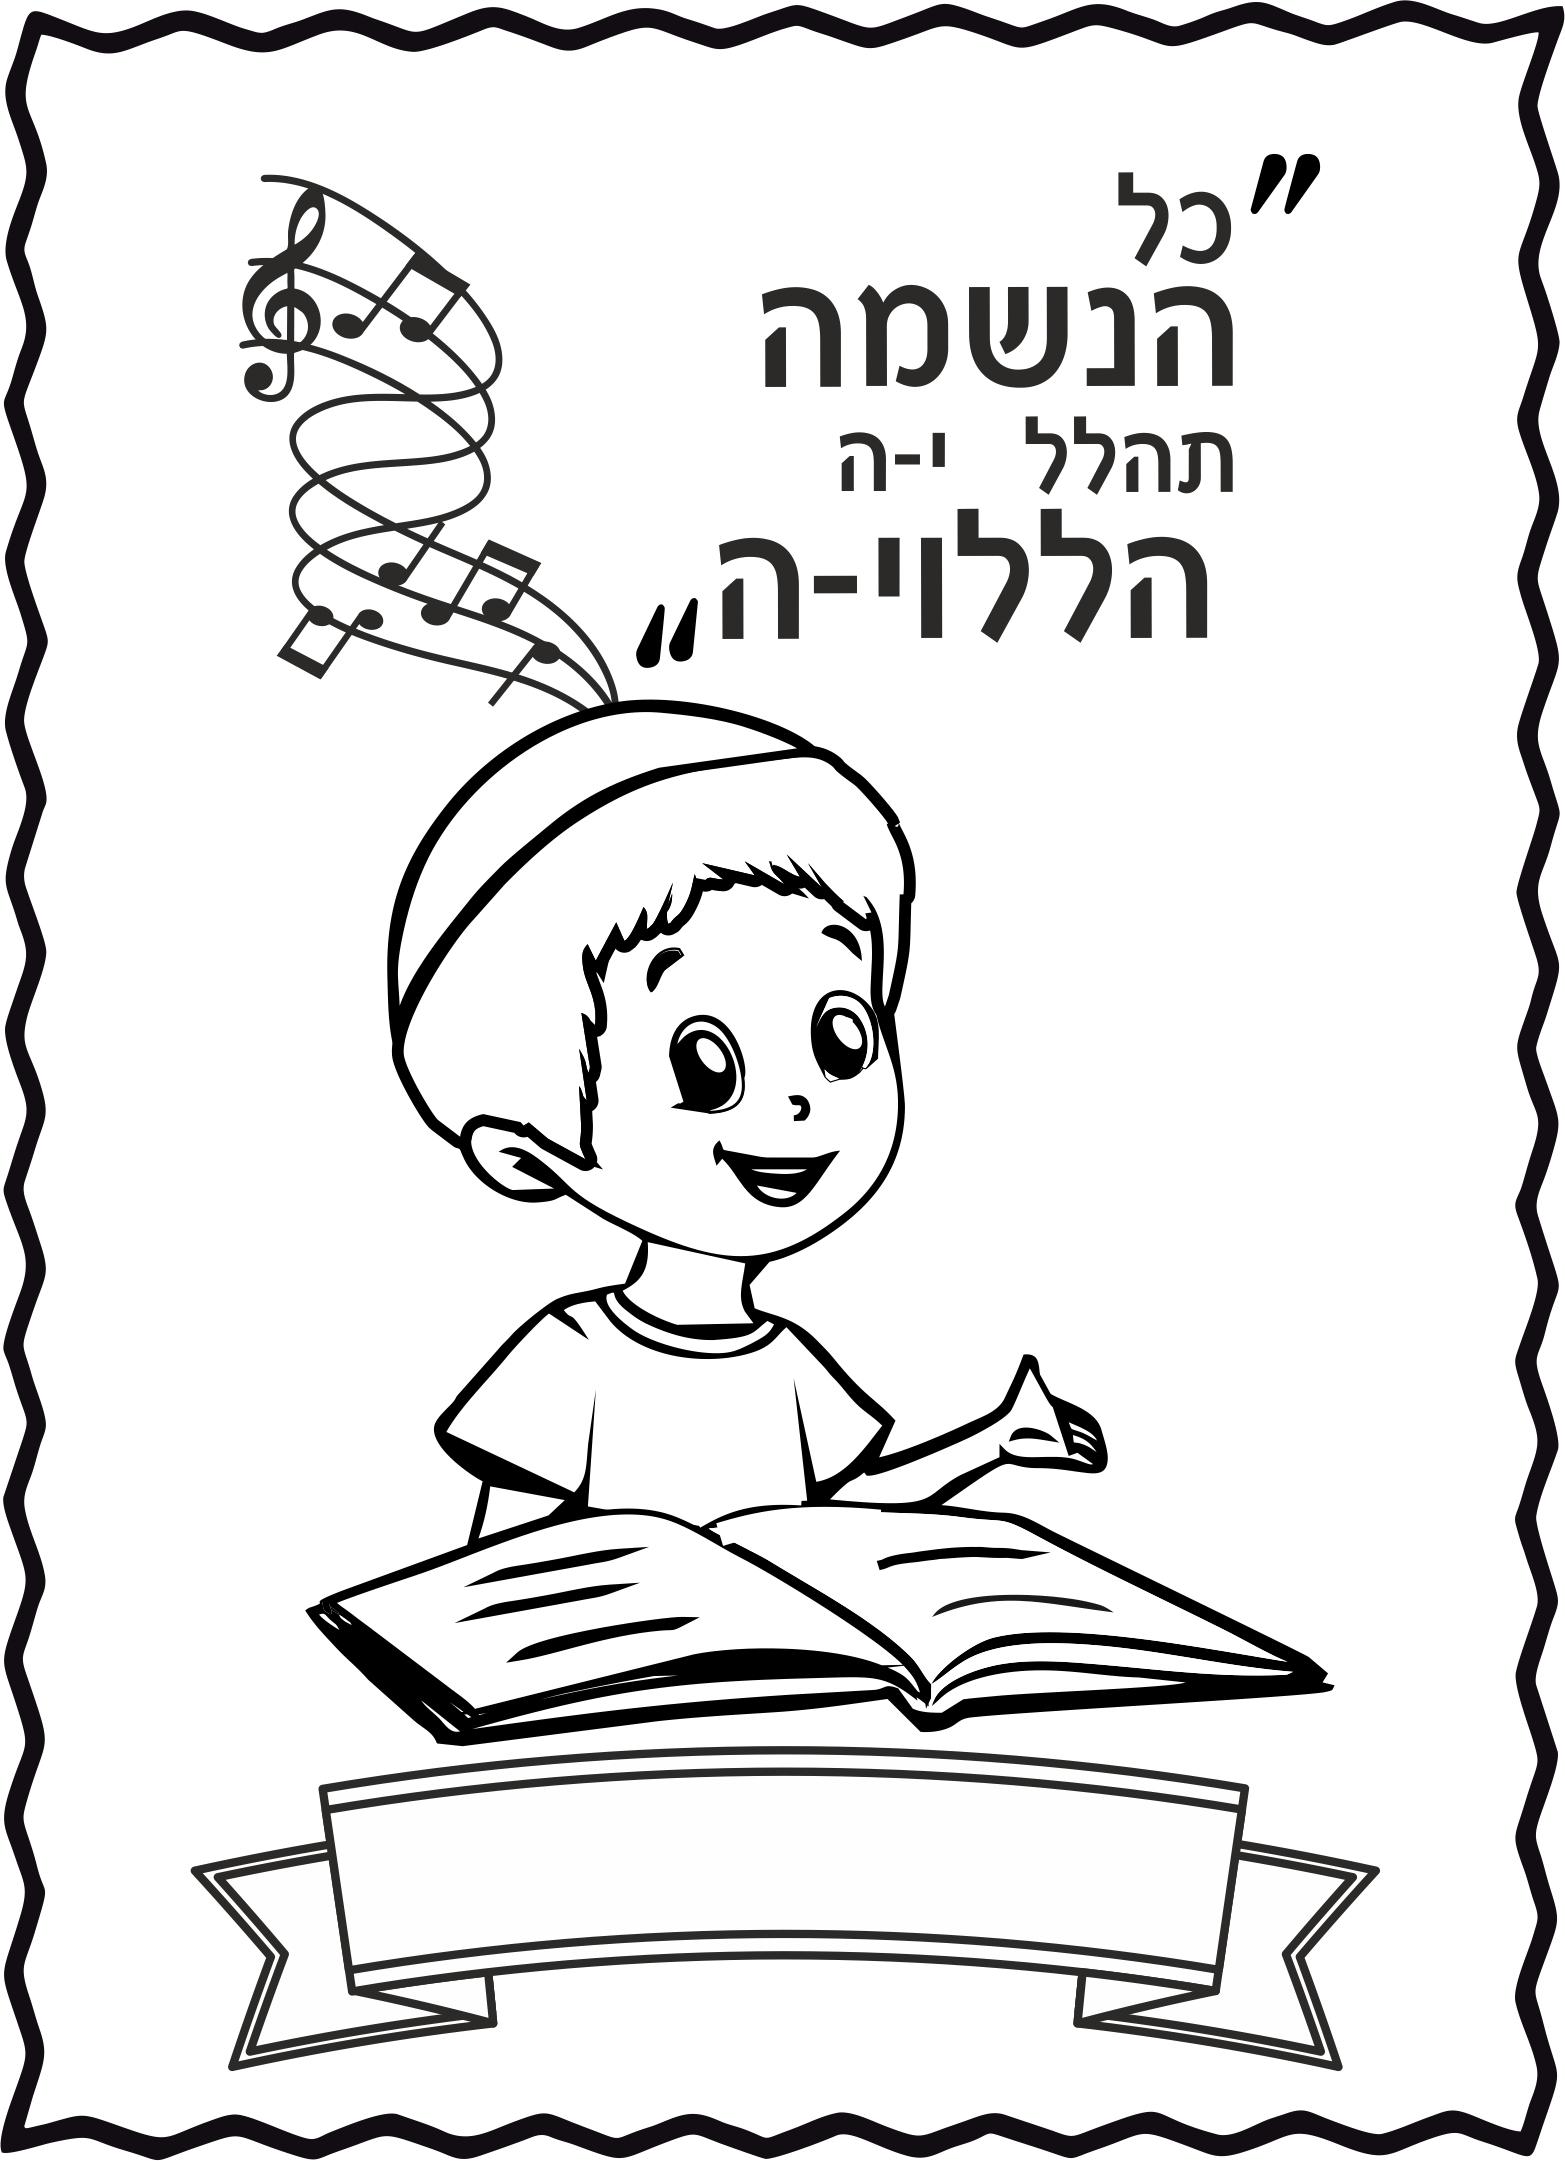 עטיפות לסידור איור ילד נושא תפילה - כל הנשמה תהלל יה